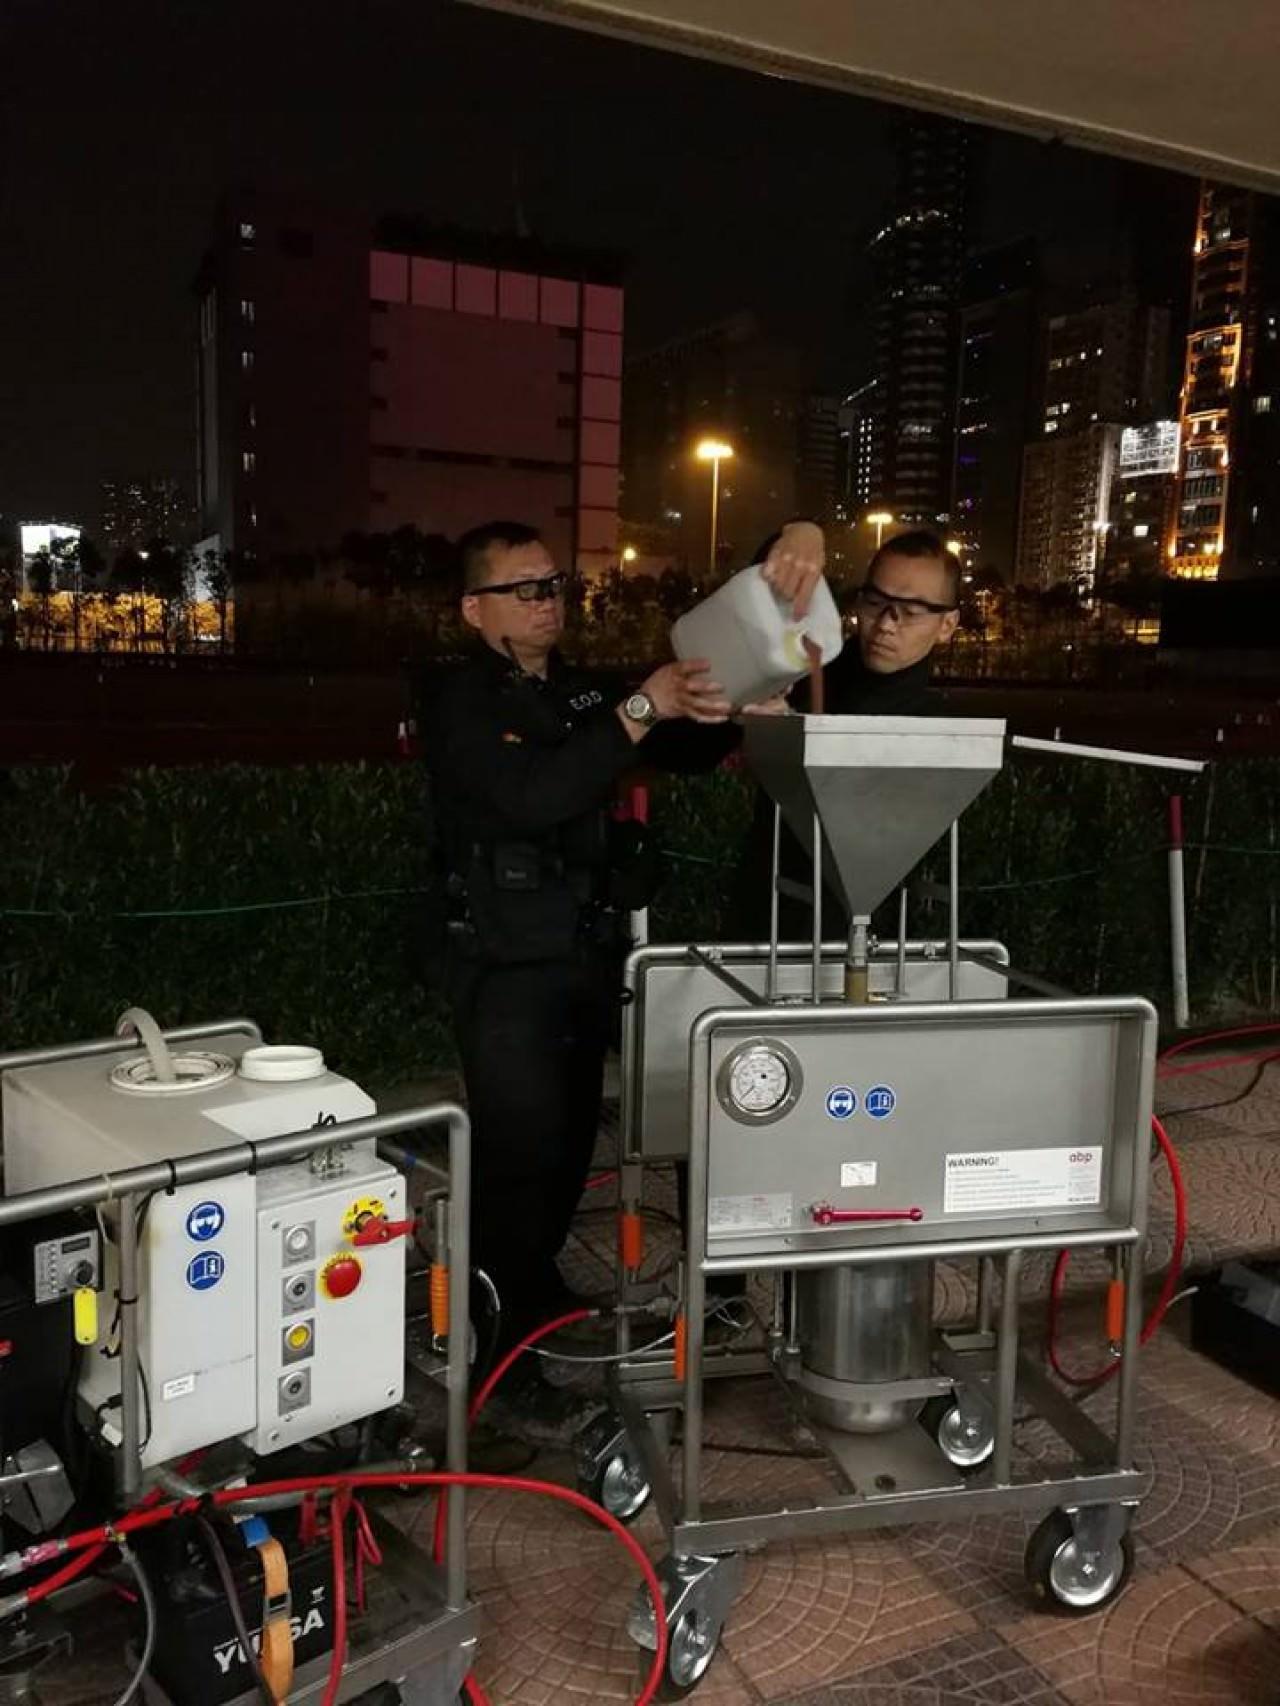 警方拆彈專家已在空投彈上完成鑽洞,準備處理炸藥。 (香港警察FB圖片)